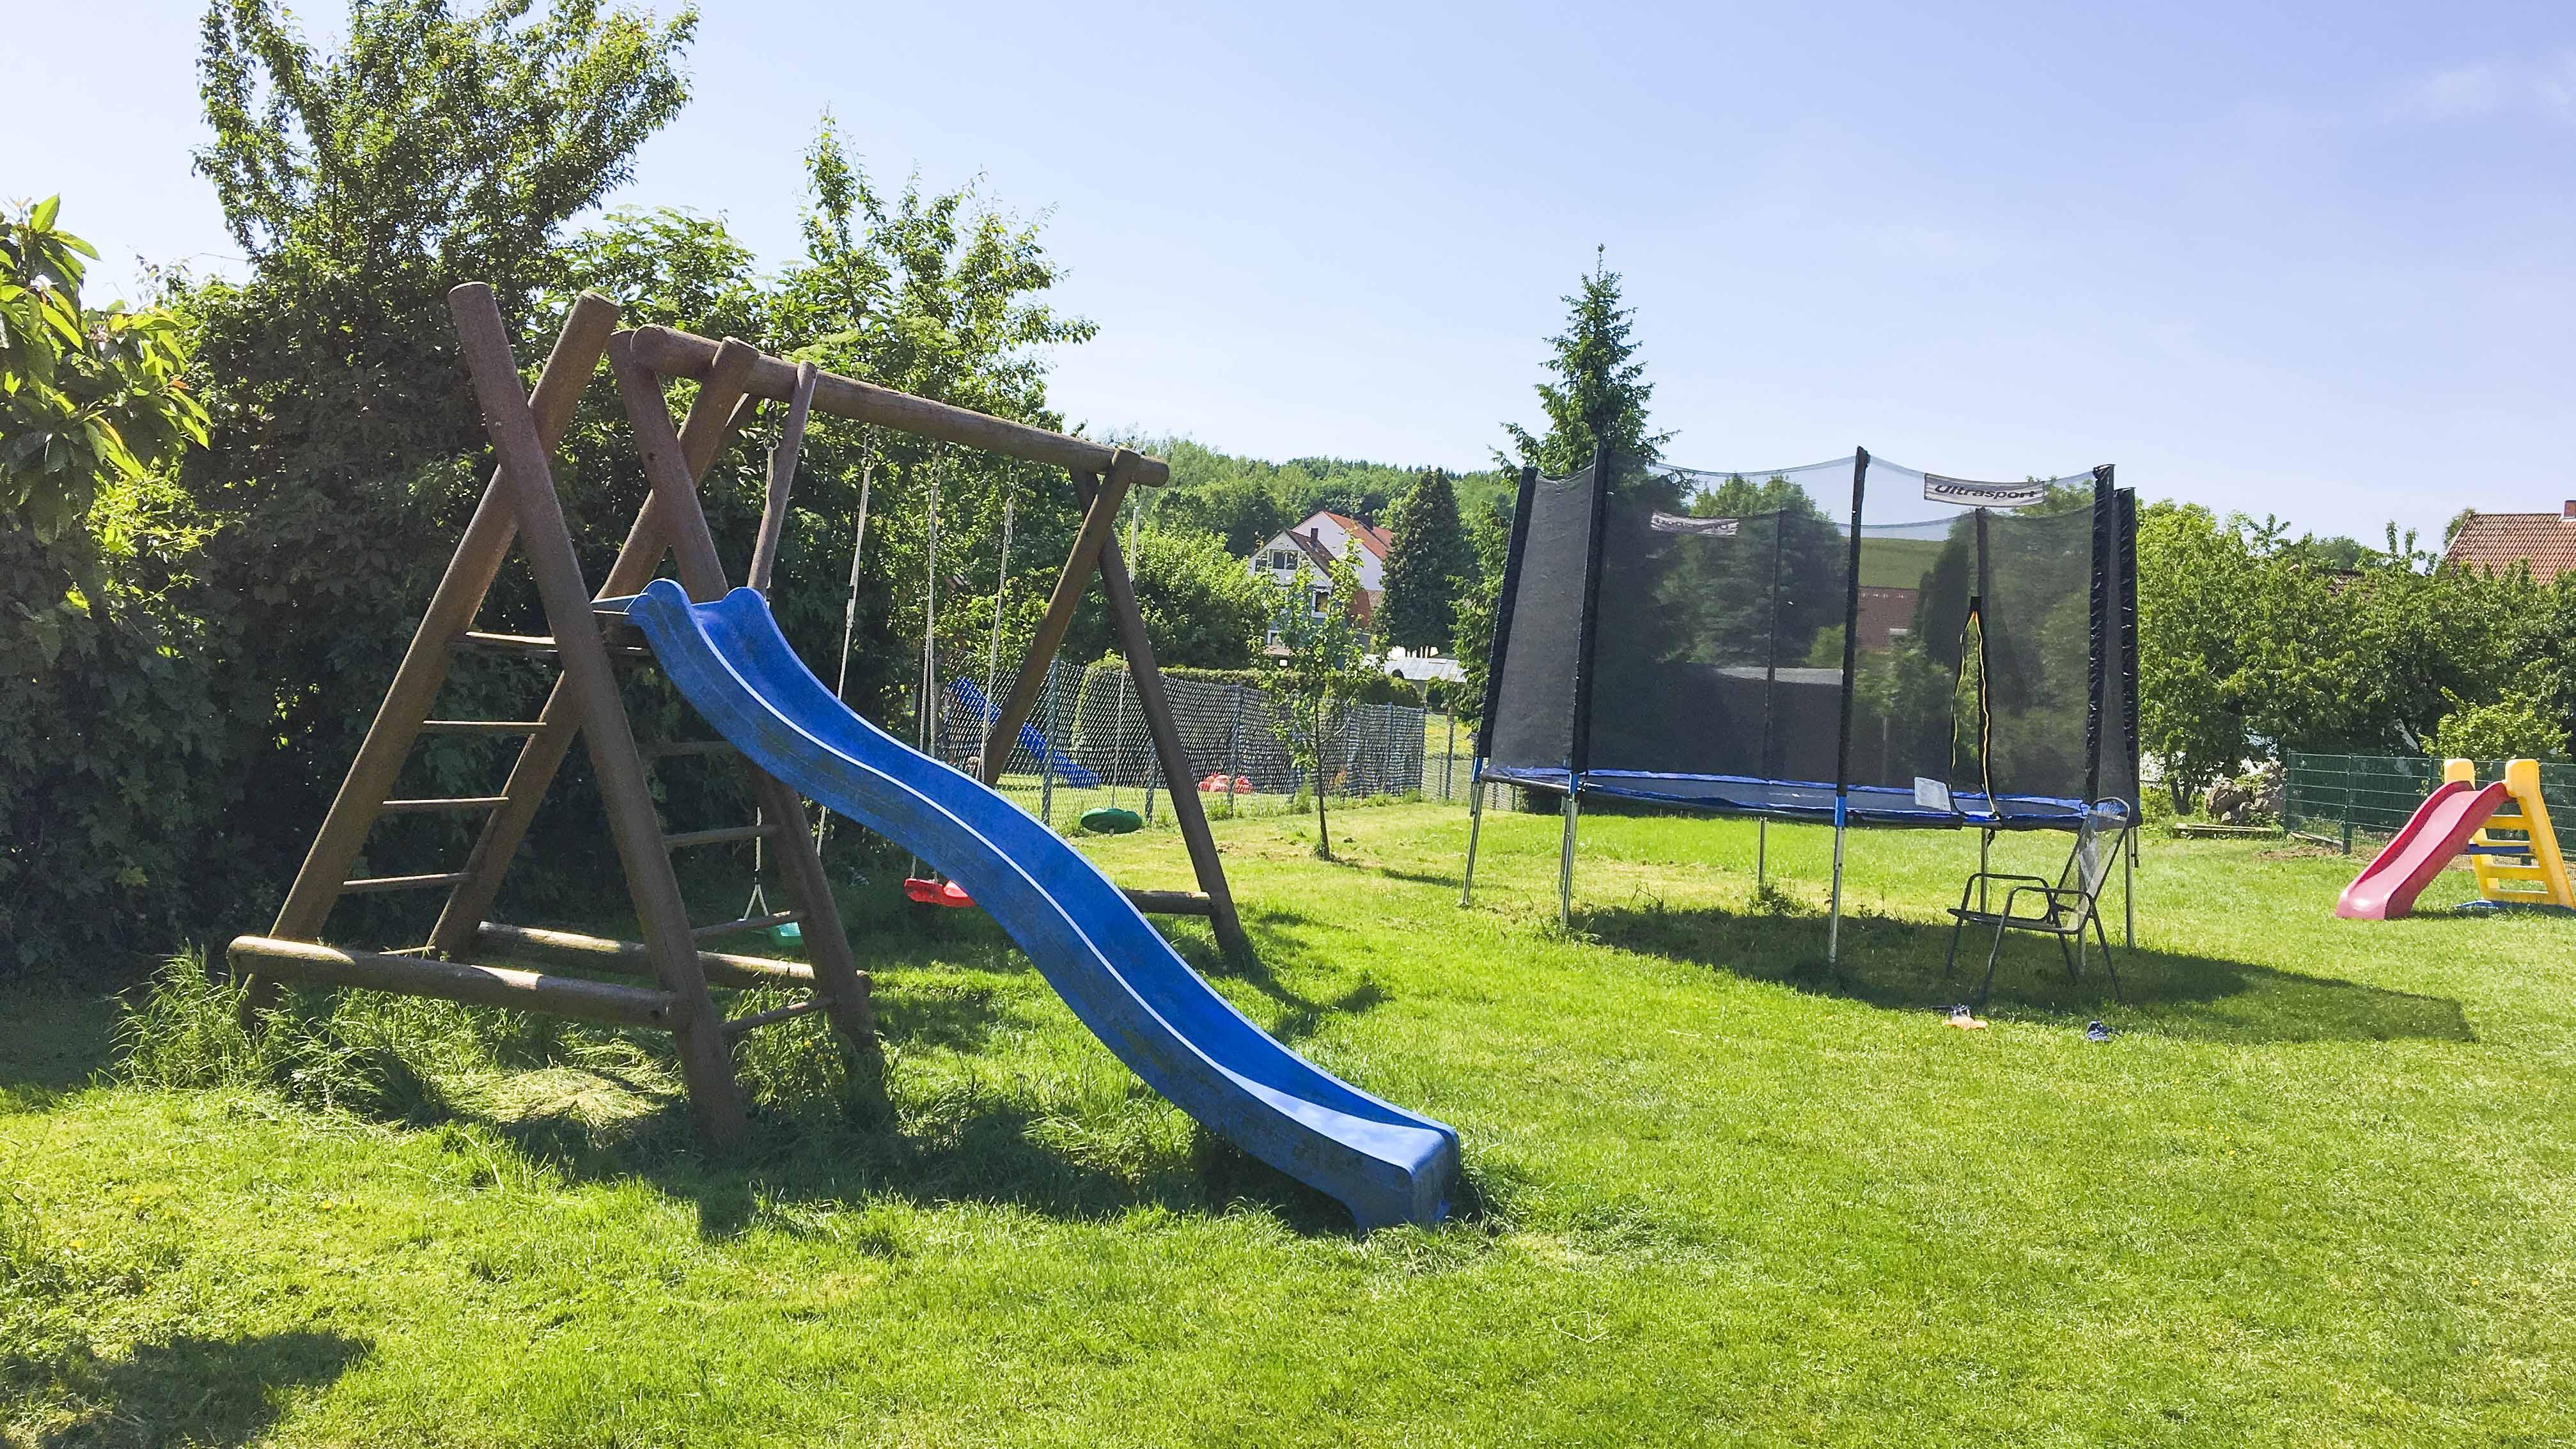 Ferienhof Morich - Garten mit Schaukel, Rutsche und Trampolin